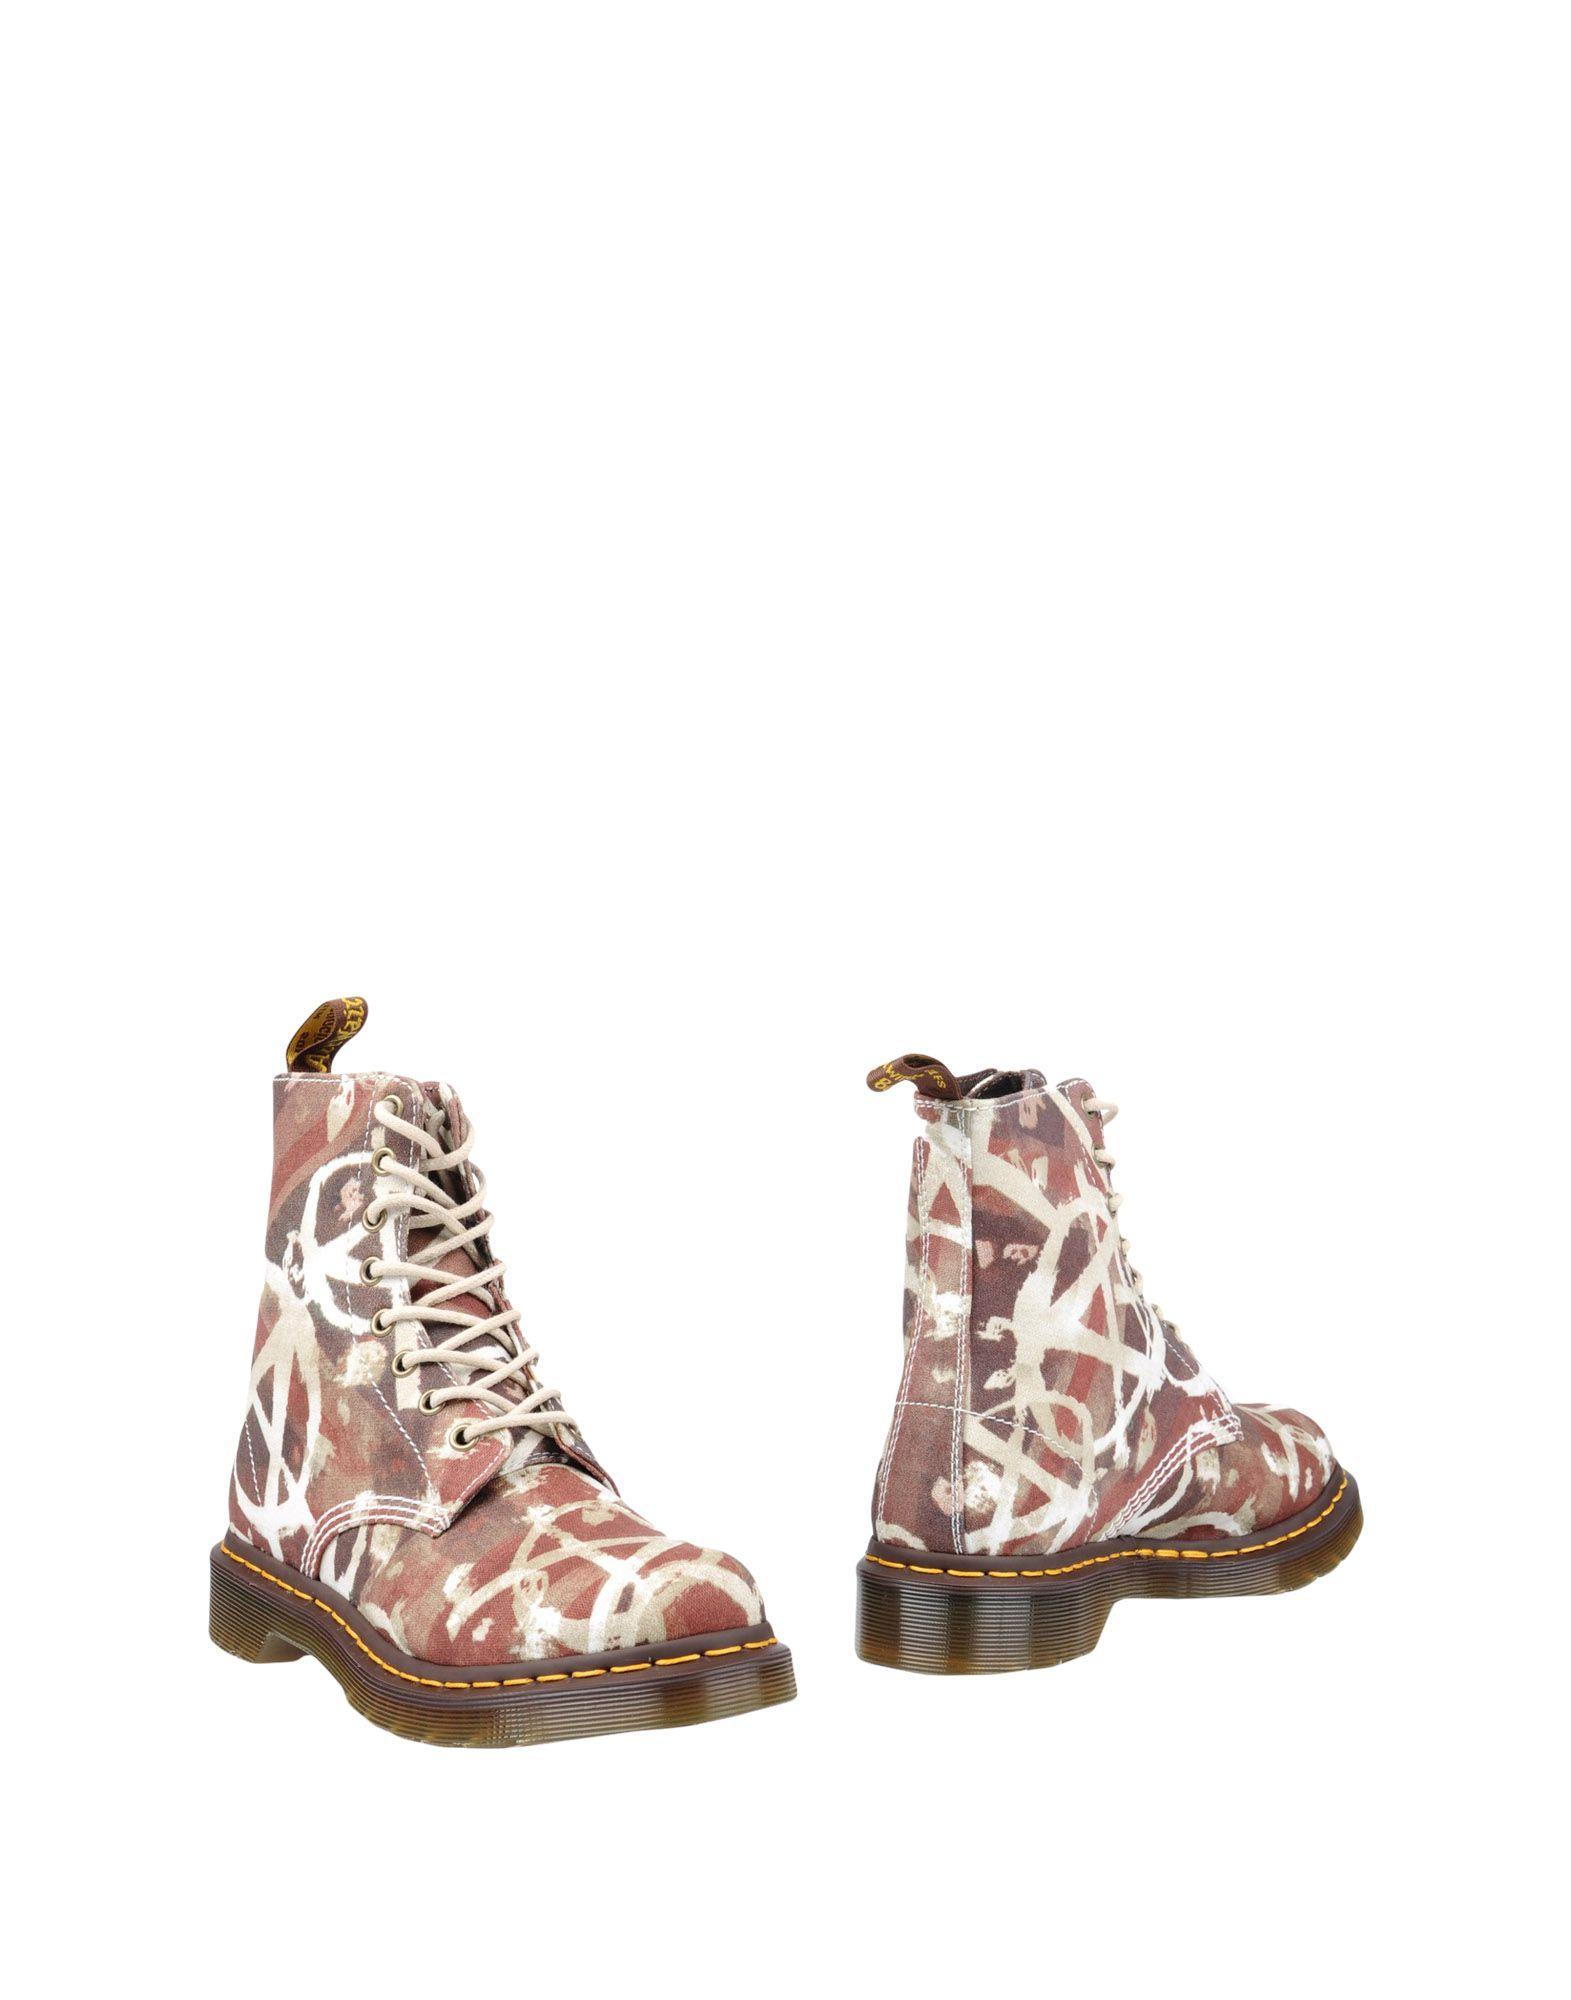 Dr. Martens Stiefelette Damen  11243476QD Gute Qualität beliebte Schuhe